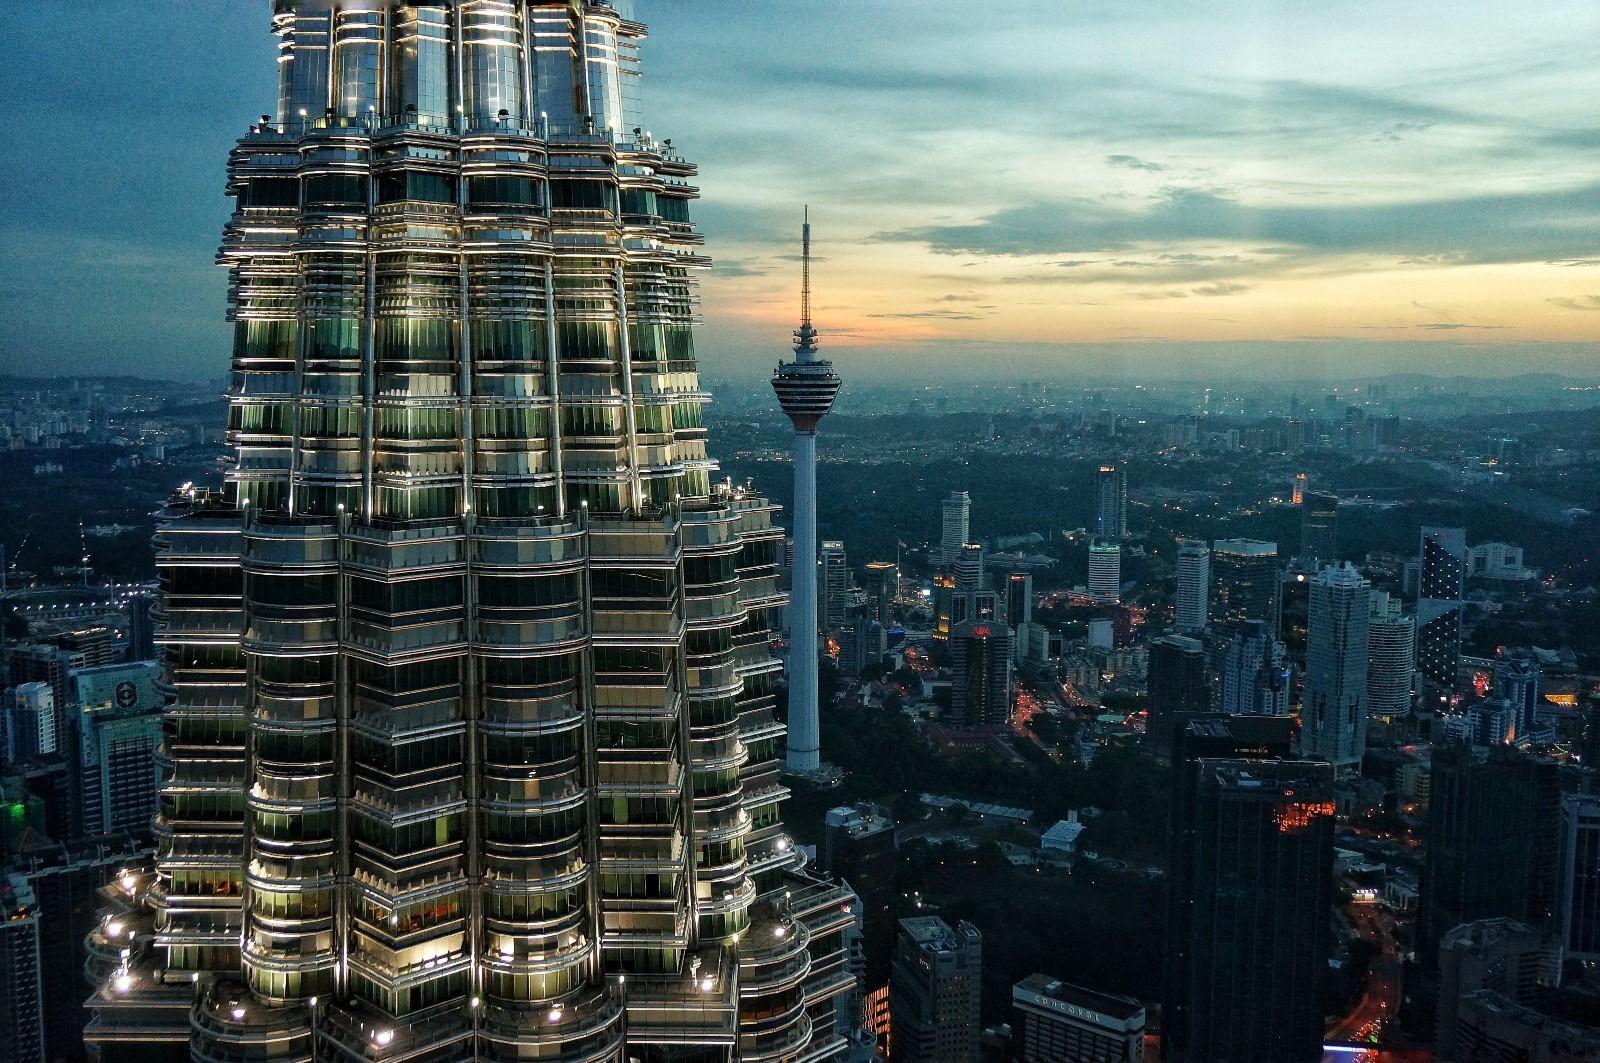 Vrchol veže Petronas v Malajzii.